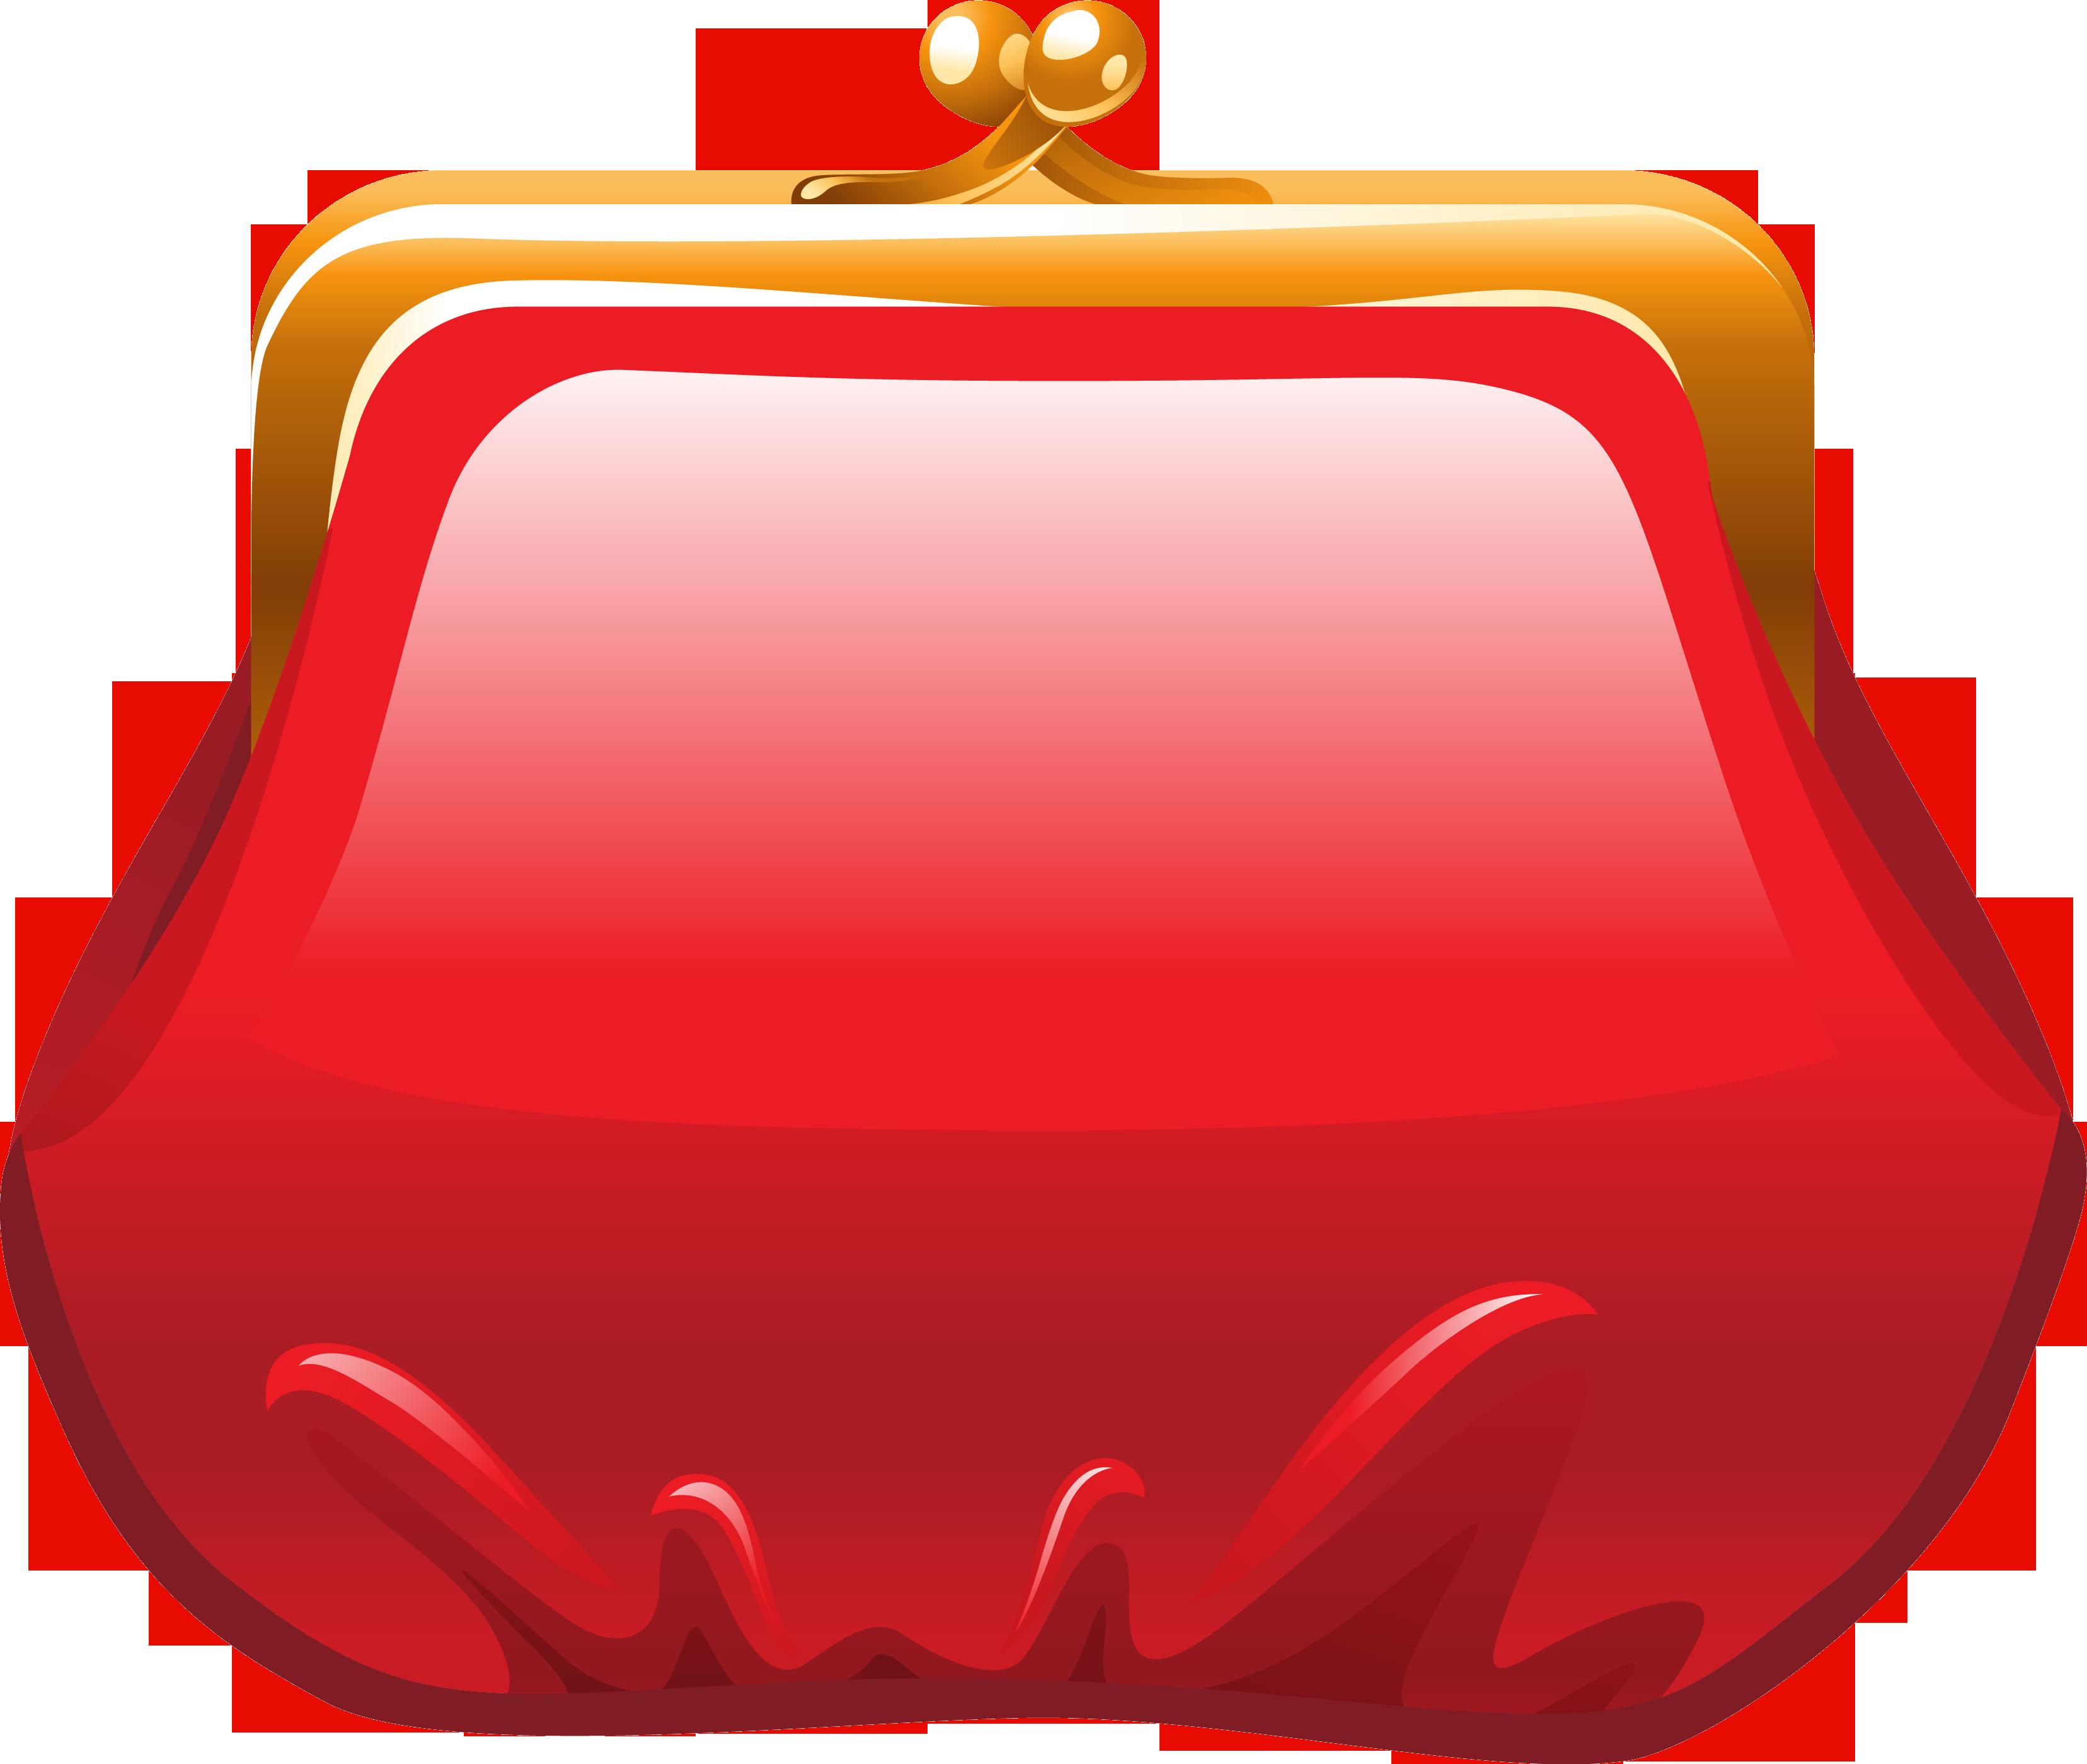 Wallet clipart red wallet. Handbag gratis accommodation women